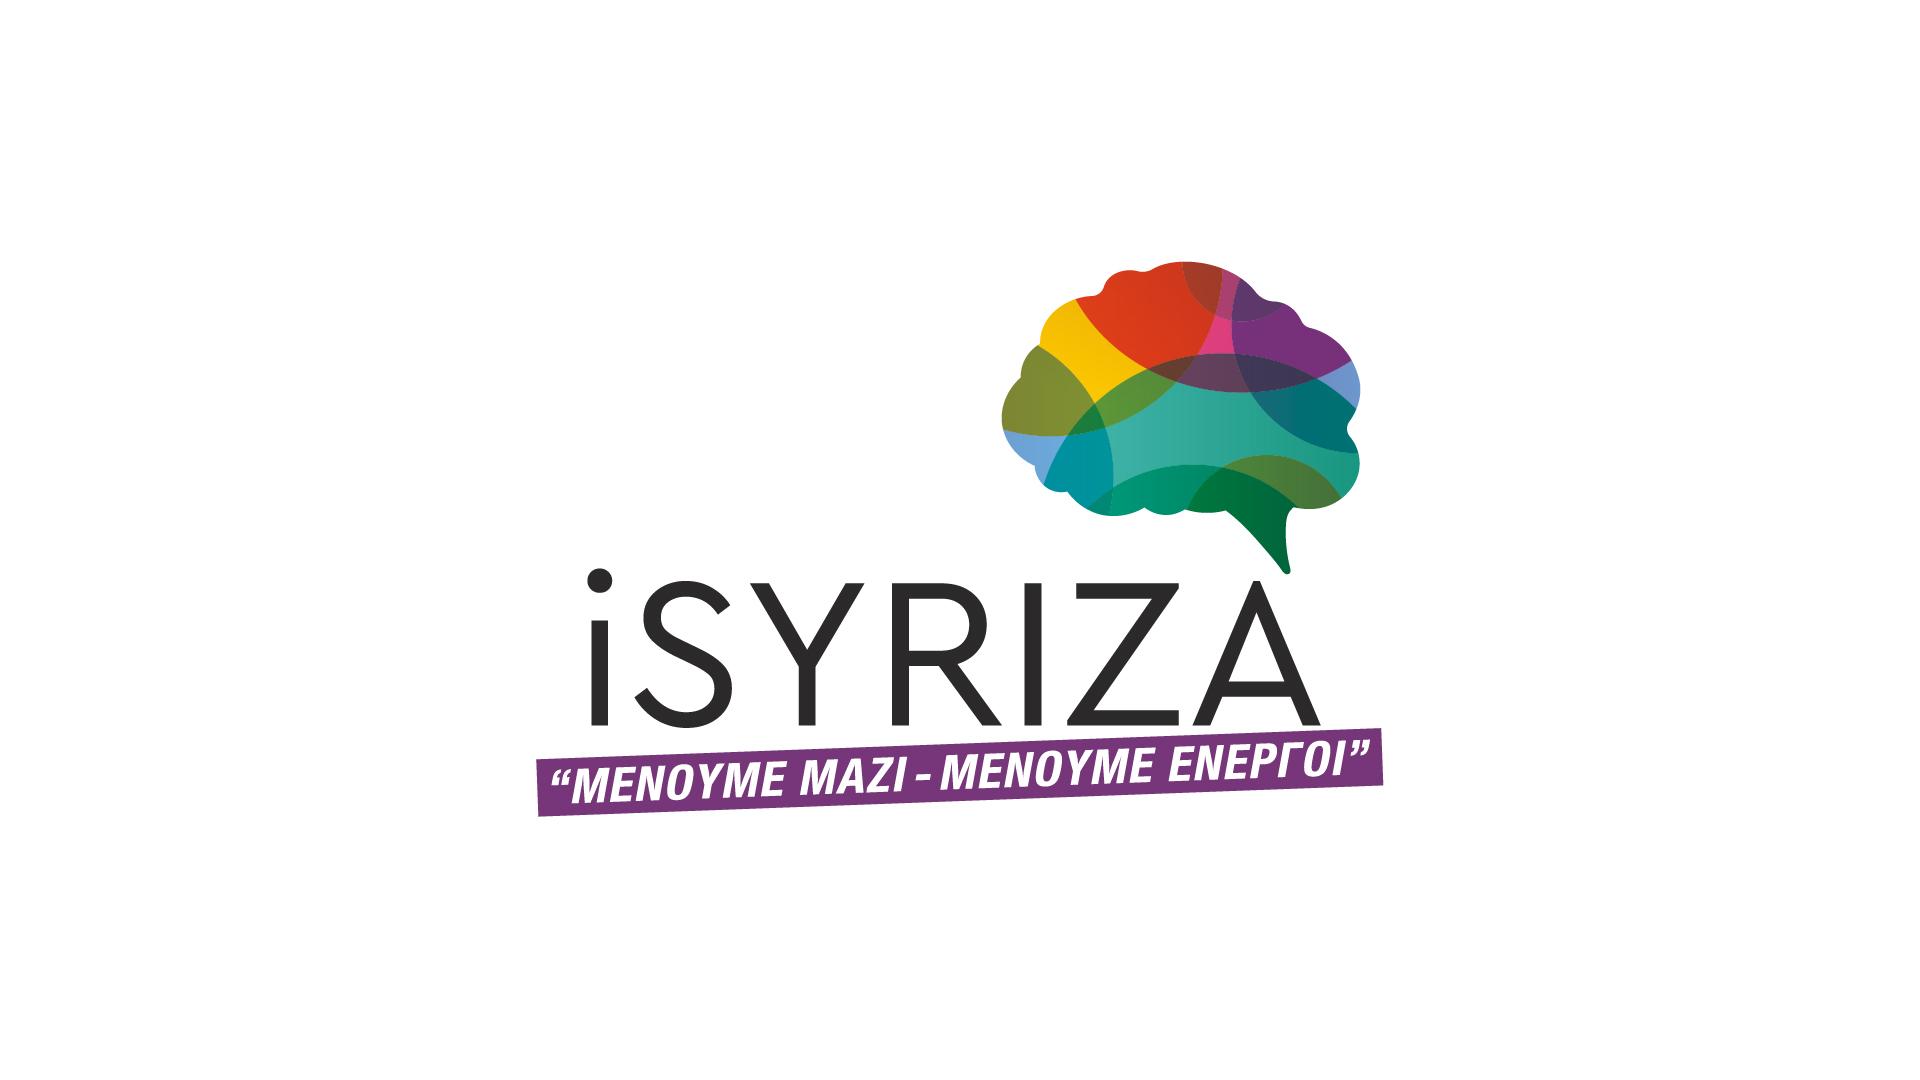 Grčka: Platforma SIRIZE za veće učešće građana i društvenu akciju